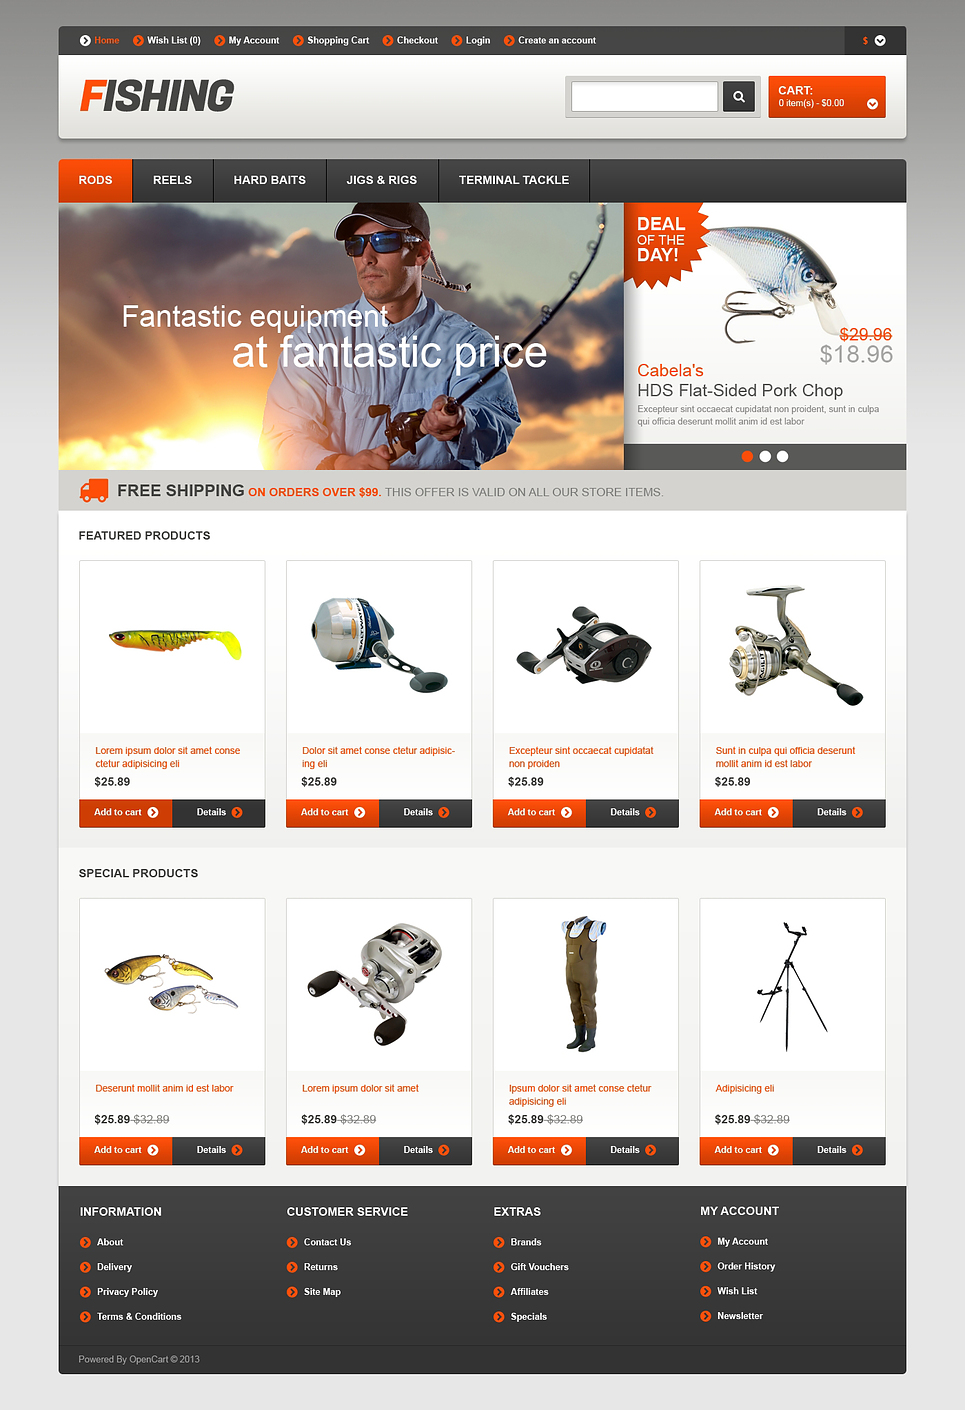 сайт заказа товара для рыбалки